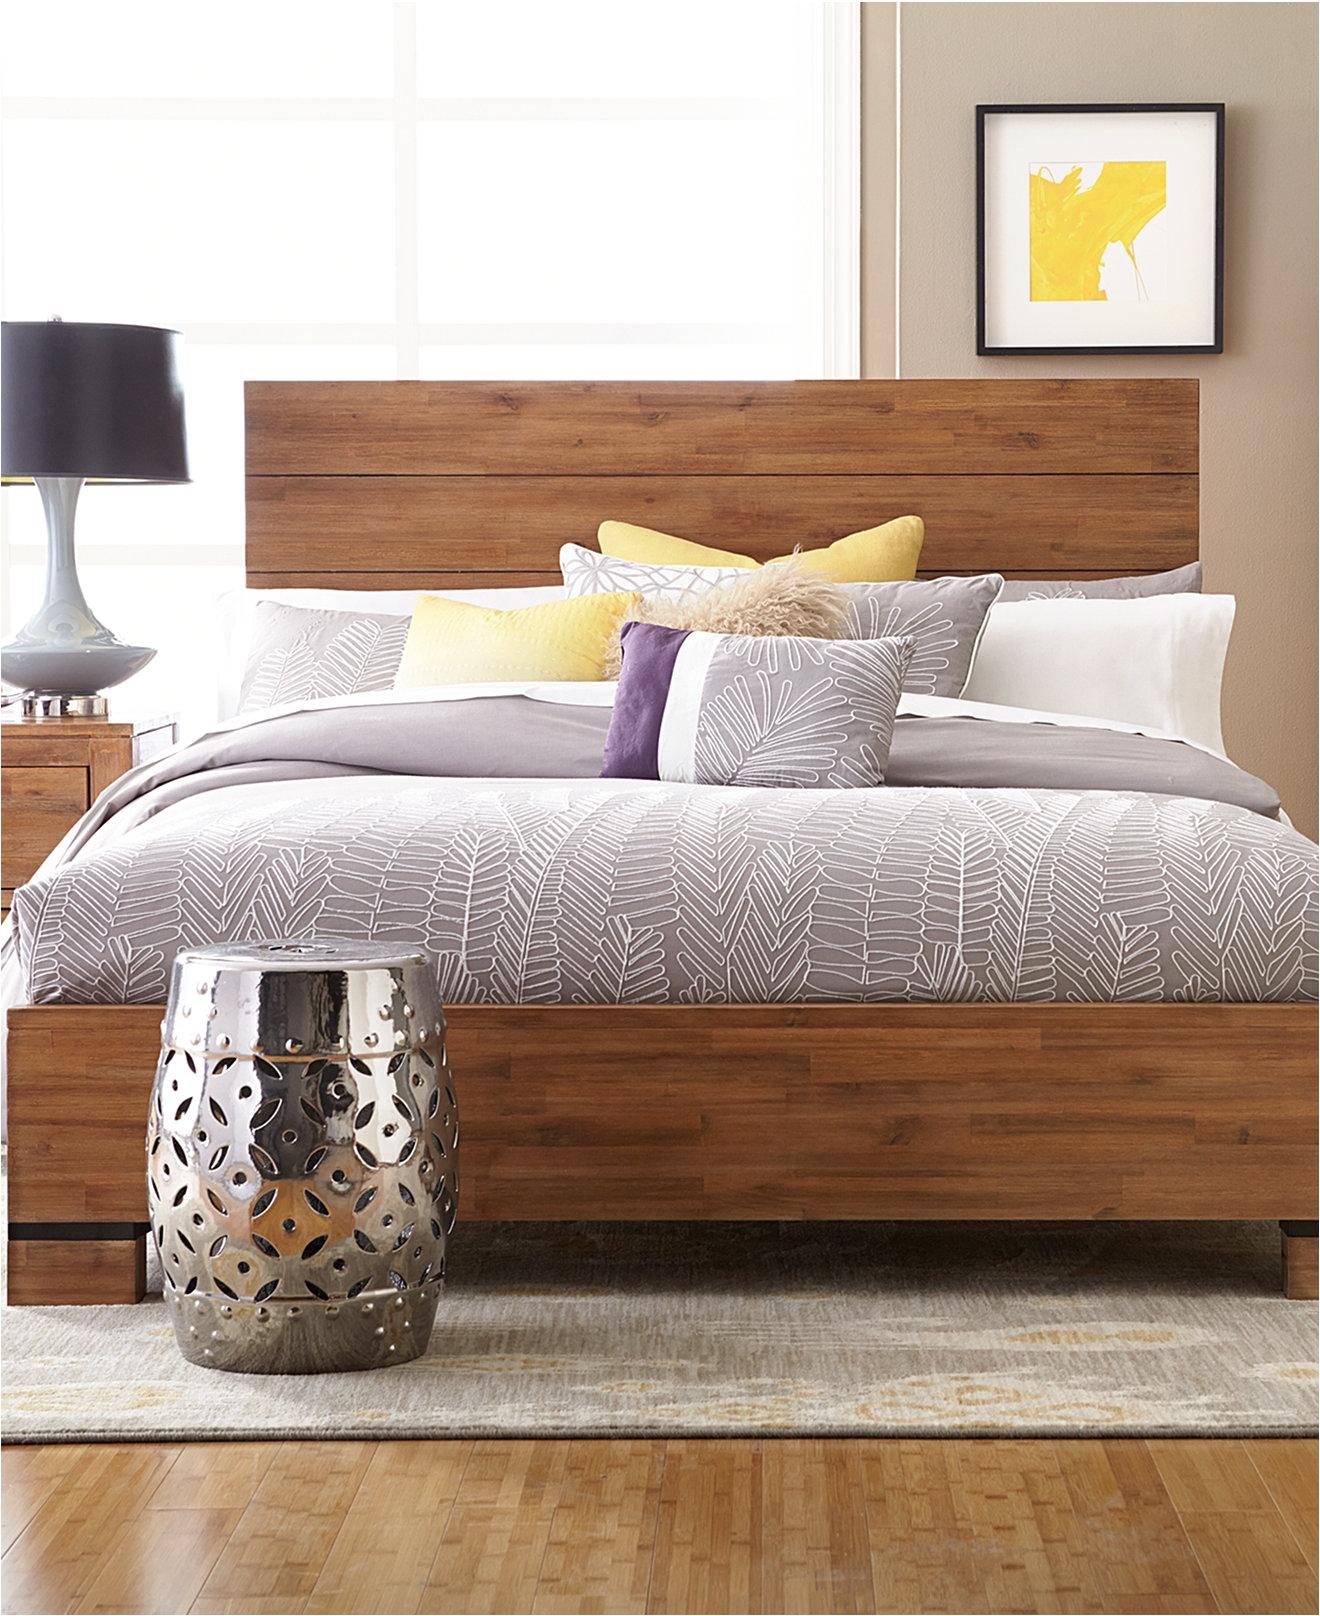 Macys Bedroom Sets On Sale Macy S Bedroom Furniture With Greatest Macy S Bedroom  Furniture On